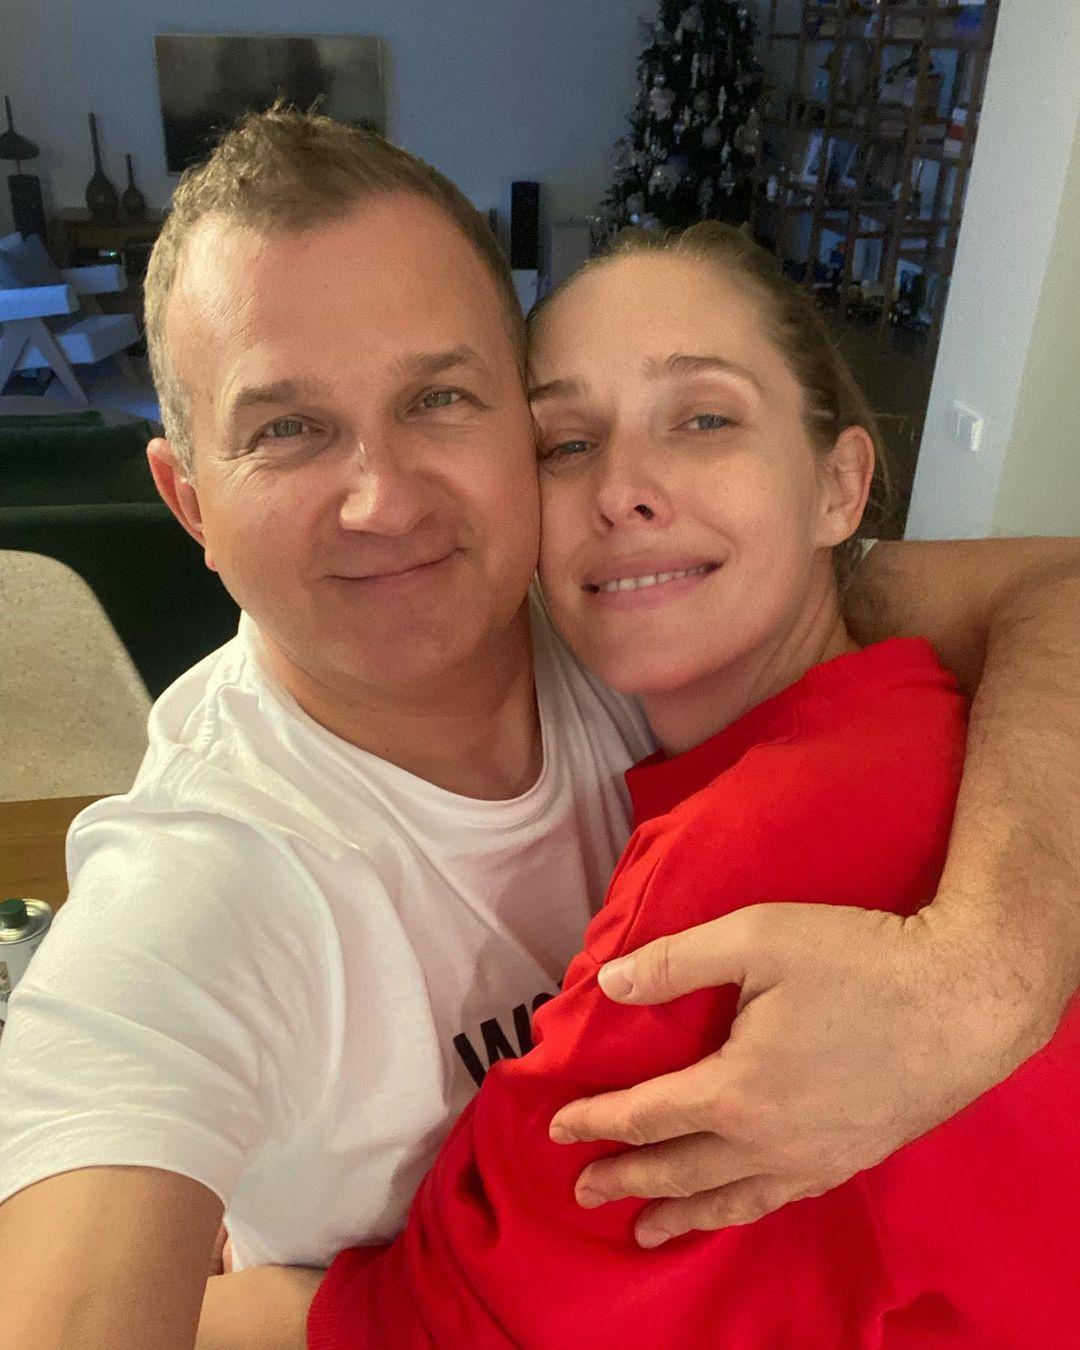 Катя Осадчая с мужем показали теплую семейную идиллию